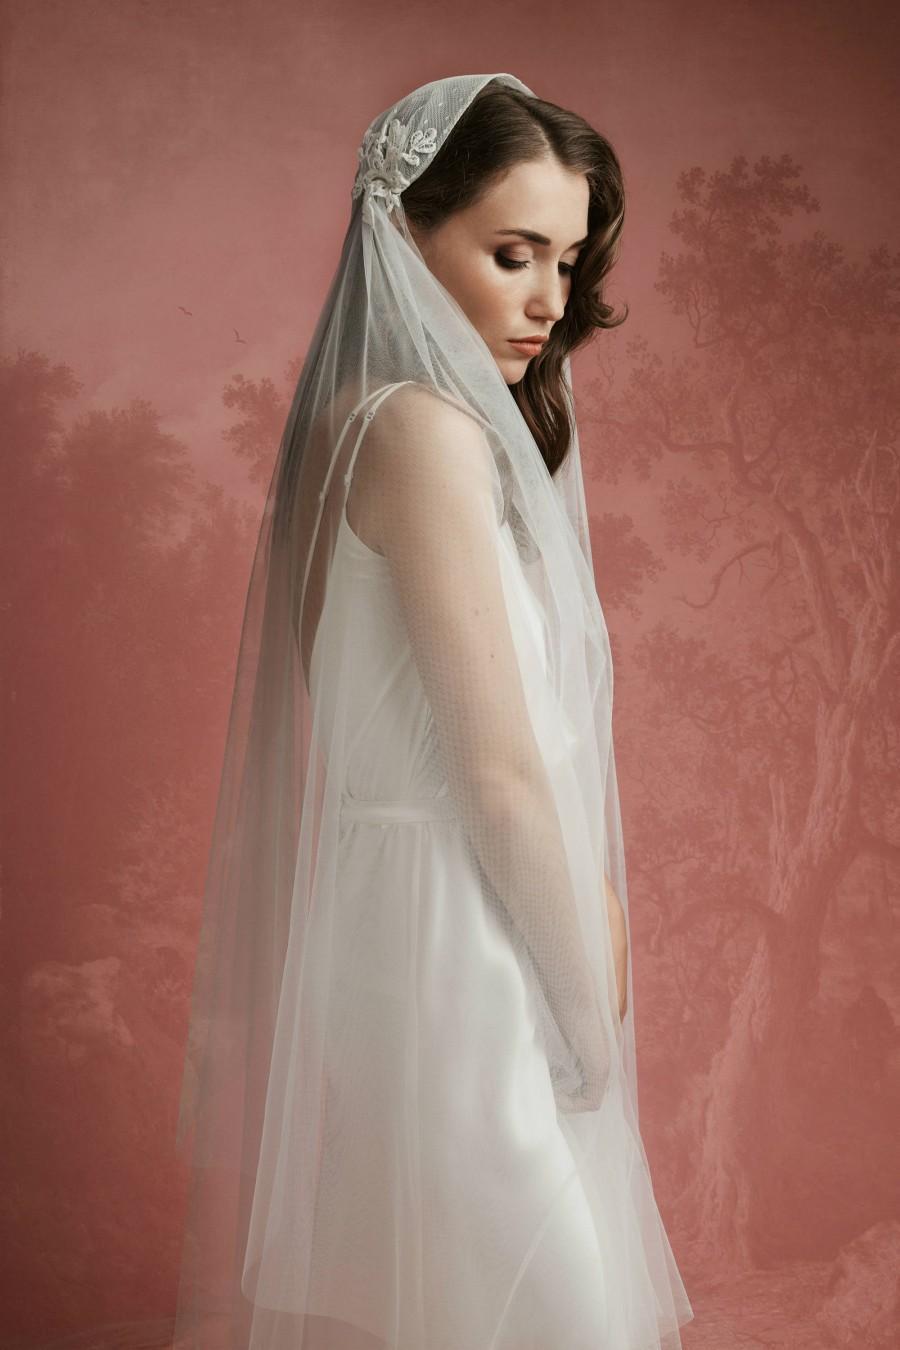 Mariage - Lace Juliet Bridal Cap Veil with Blusher A11, Juliet Cap Veil, 1920s Veil, Cathedral Veil, Vintage Veil, Lace Wedding Veil, Lace Cap Veil